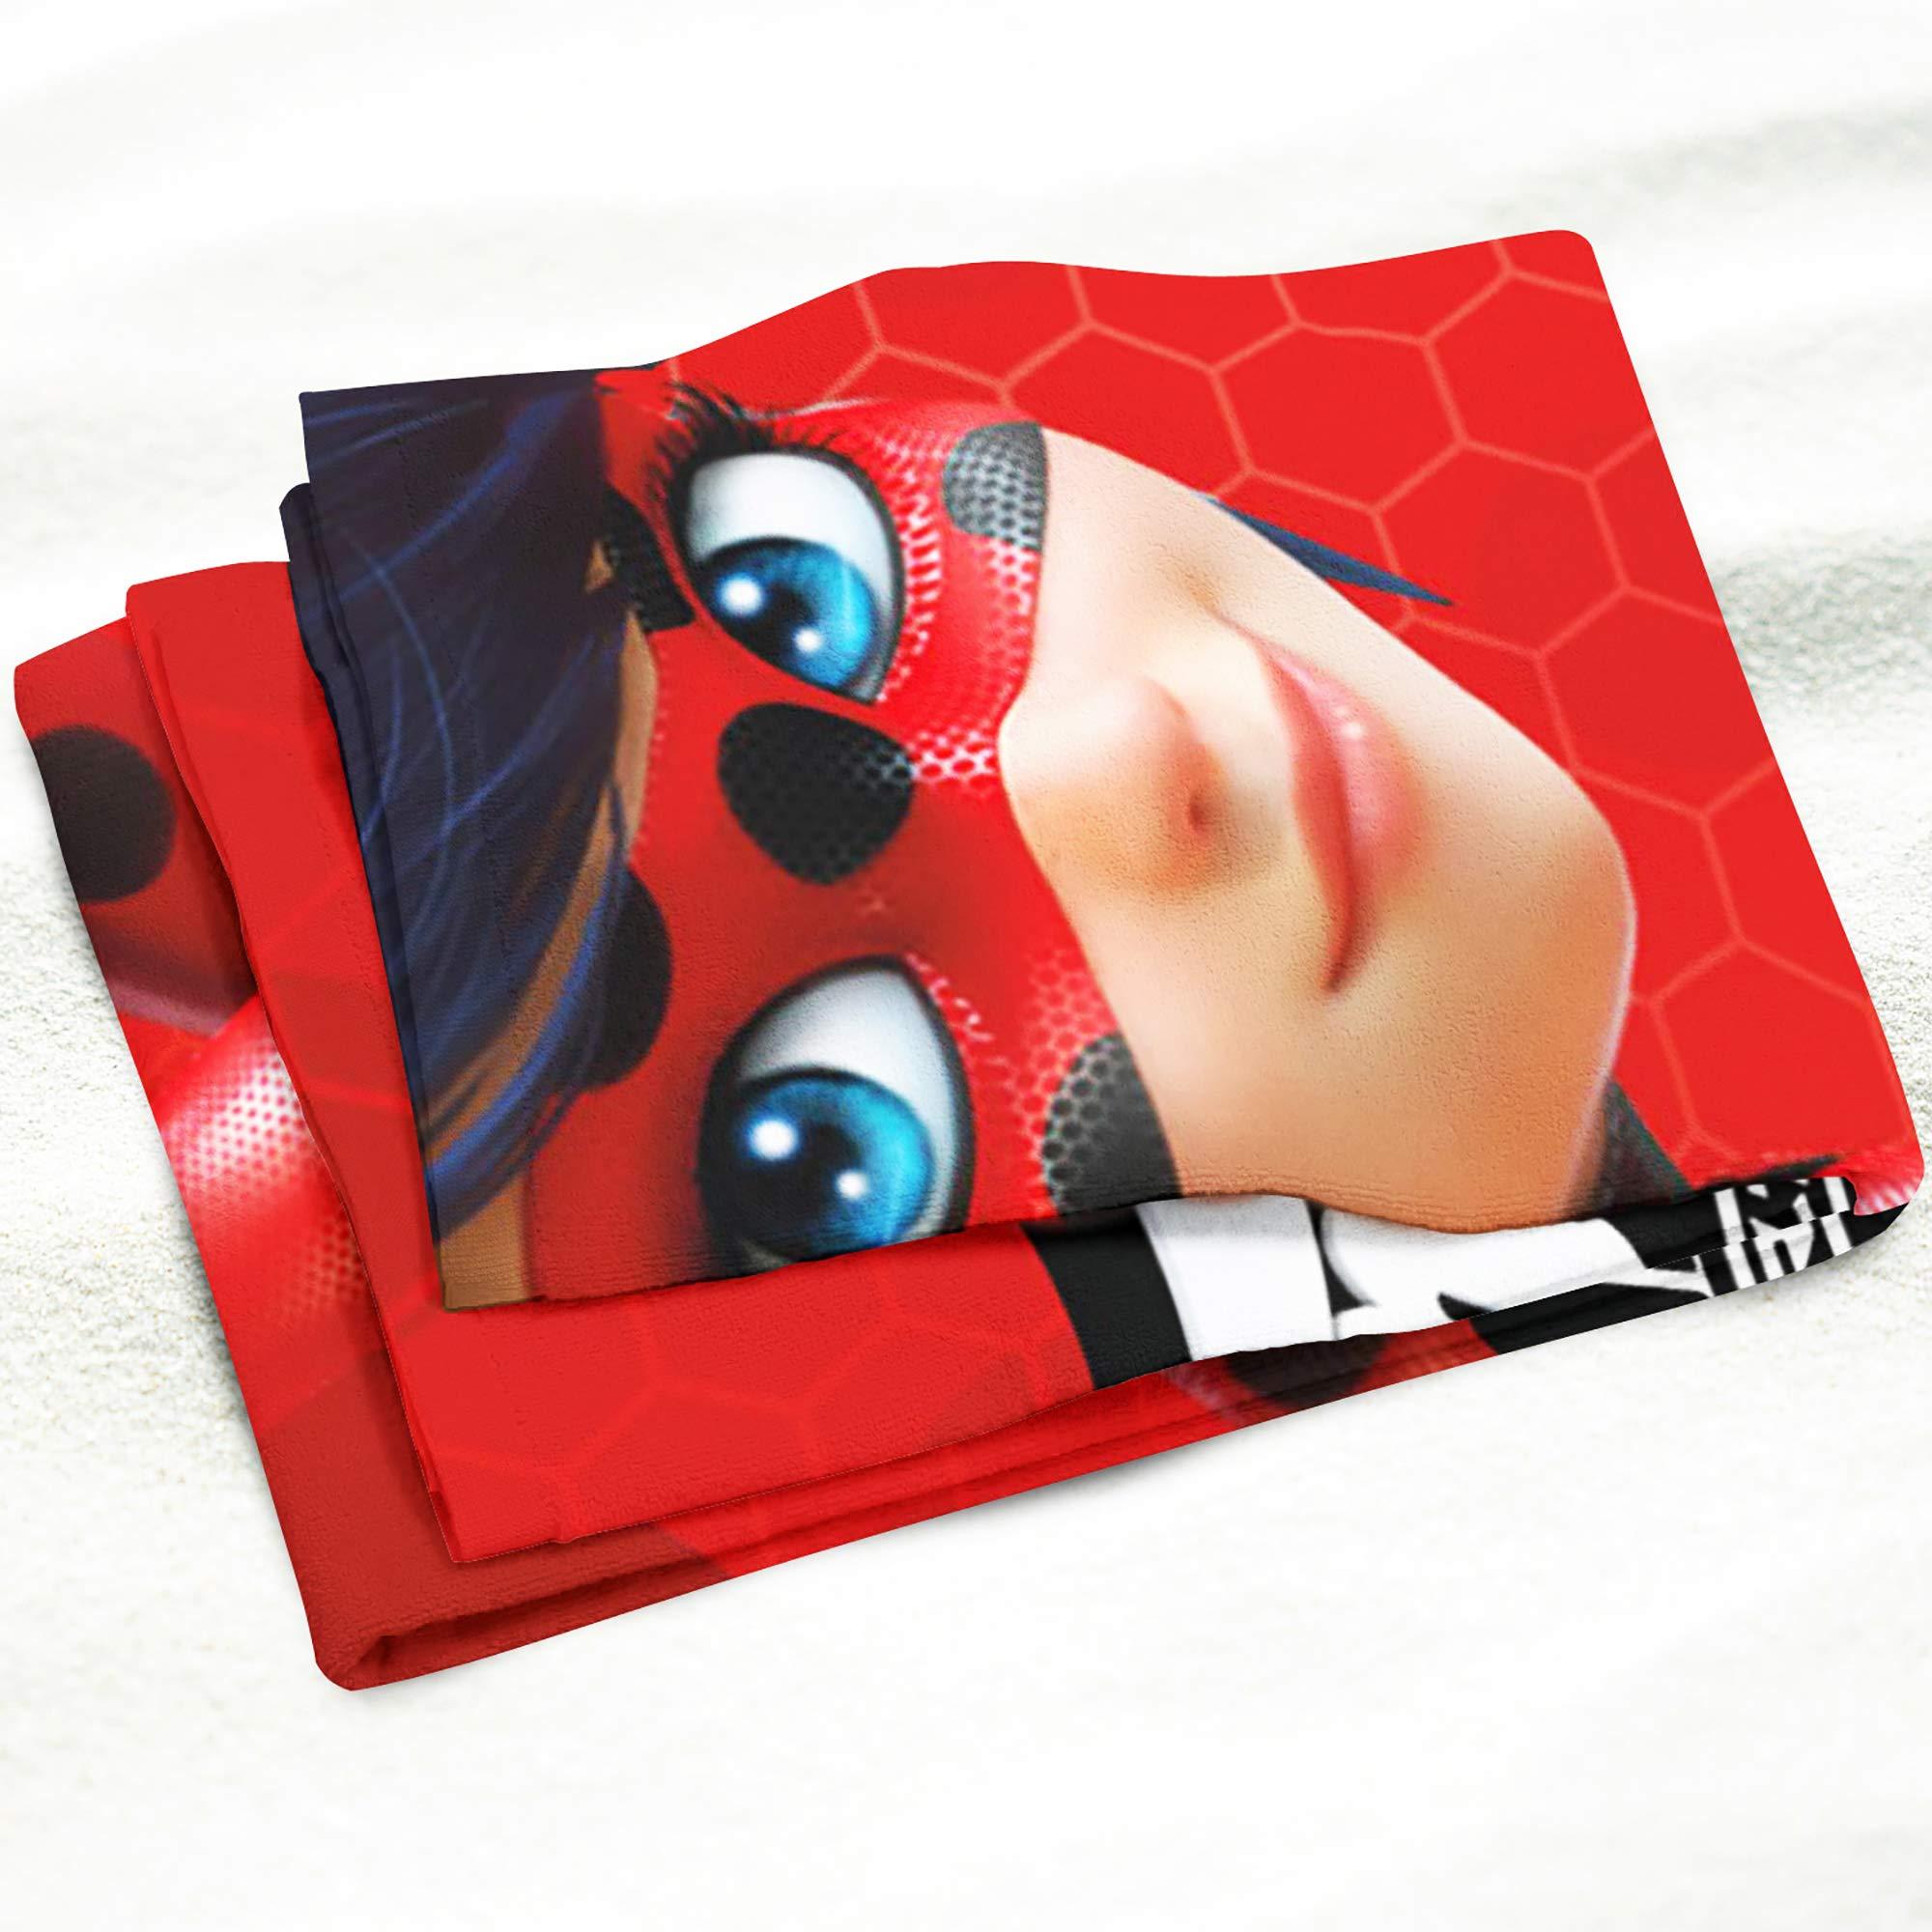 BERONAGE Miraculous Ladybug 014 - Toalla de baño (70 cm x 140 cm, 100% algodón), diseño de Ladybug, Color Rojo: Amazon.es: Hogar